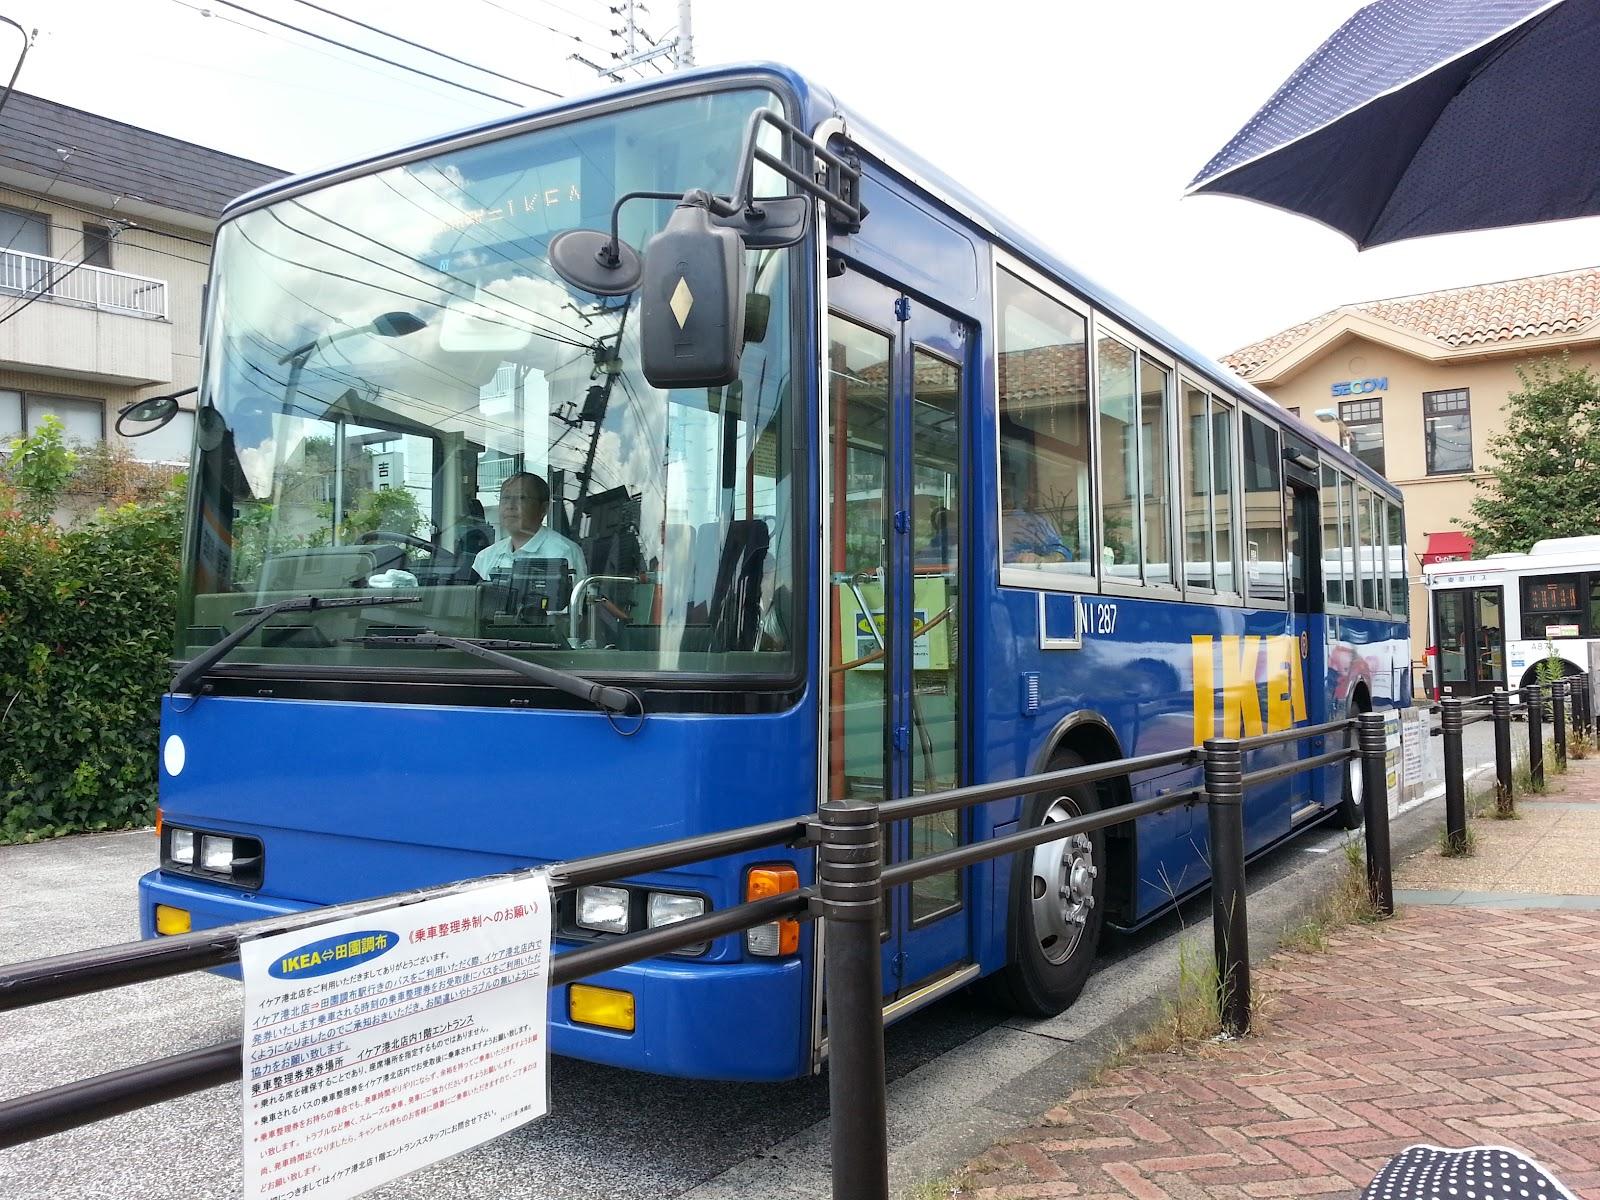 港北 バス ikea